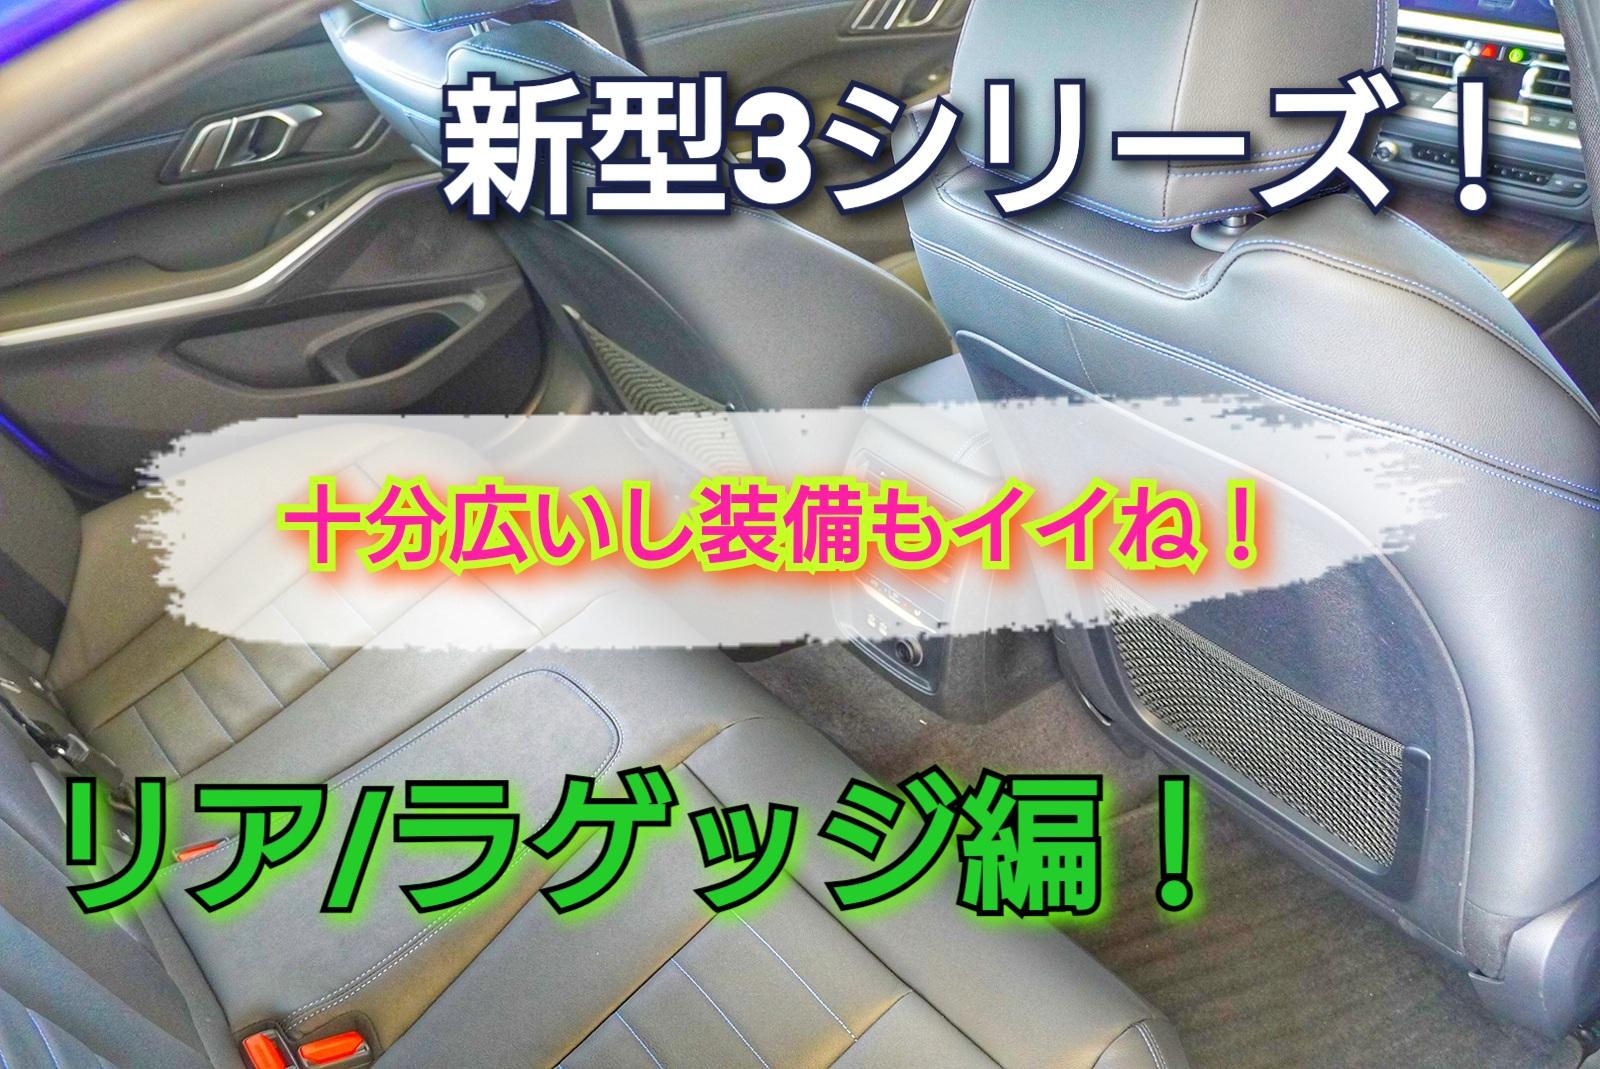 【広さは十分!】リア/ラゲッジ編!新型3シリーズインプレッション!③